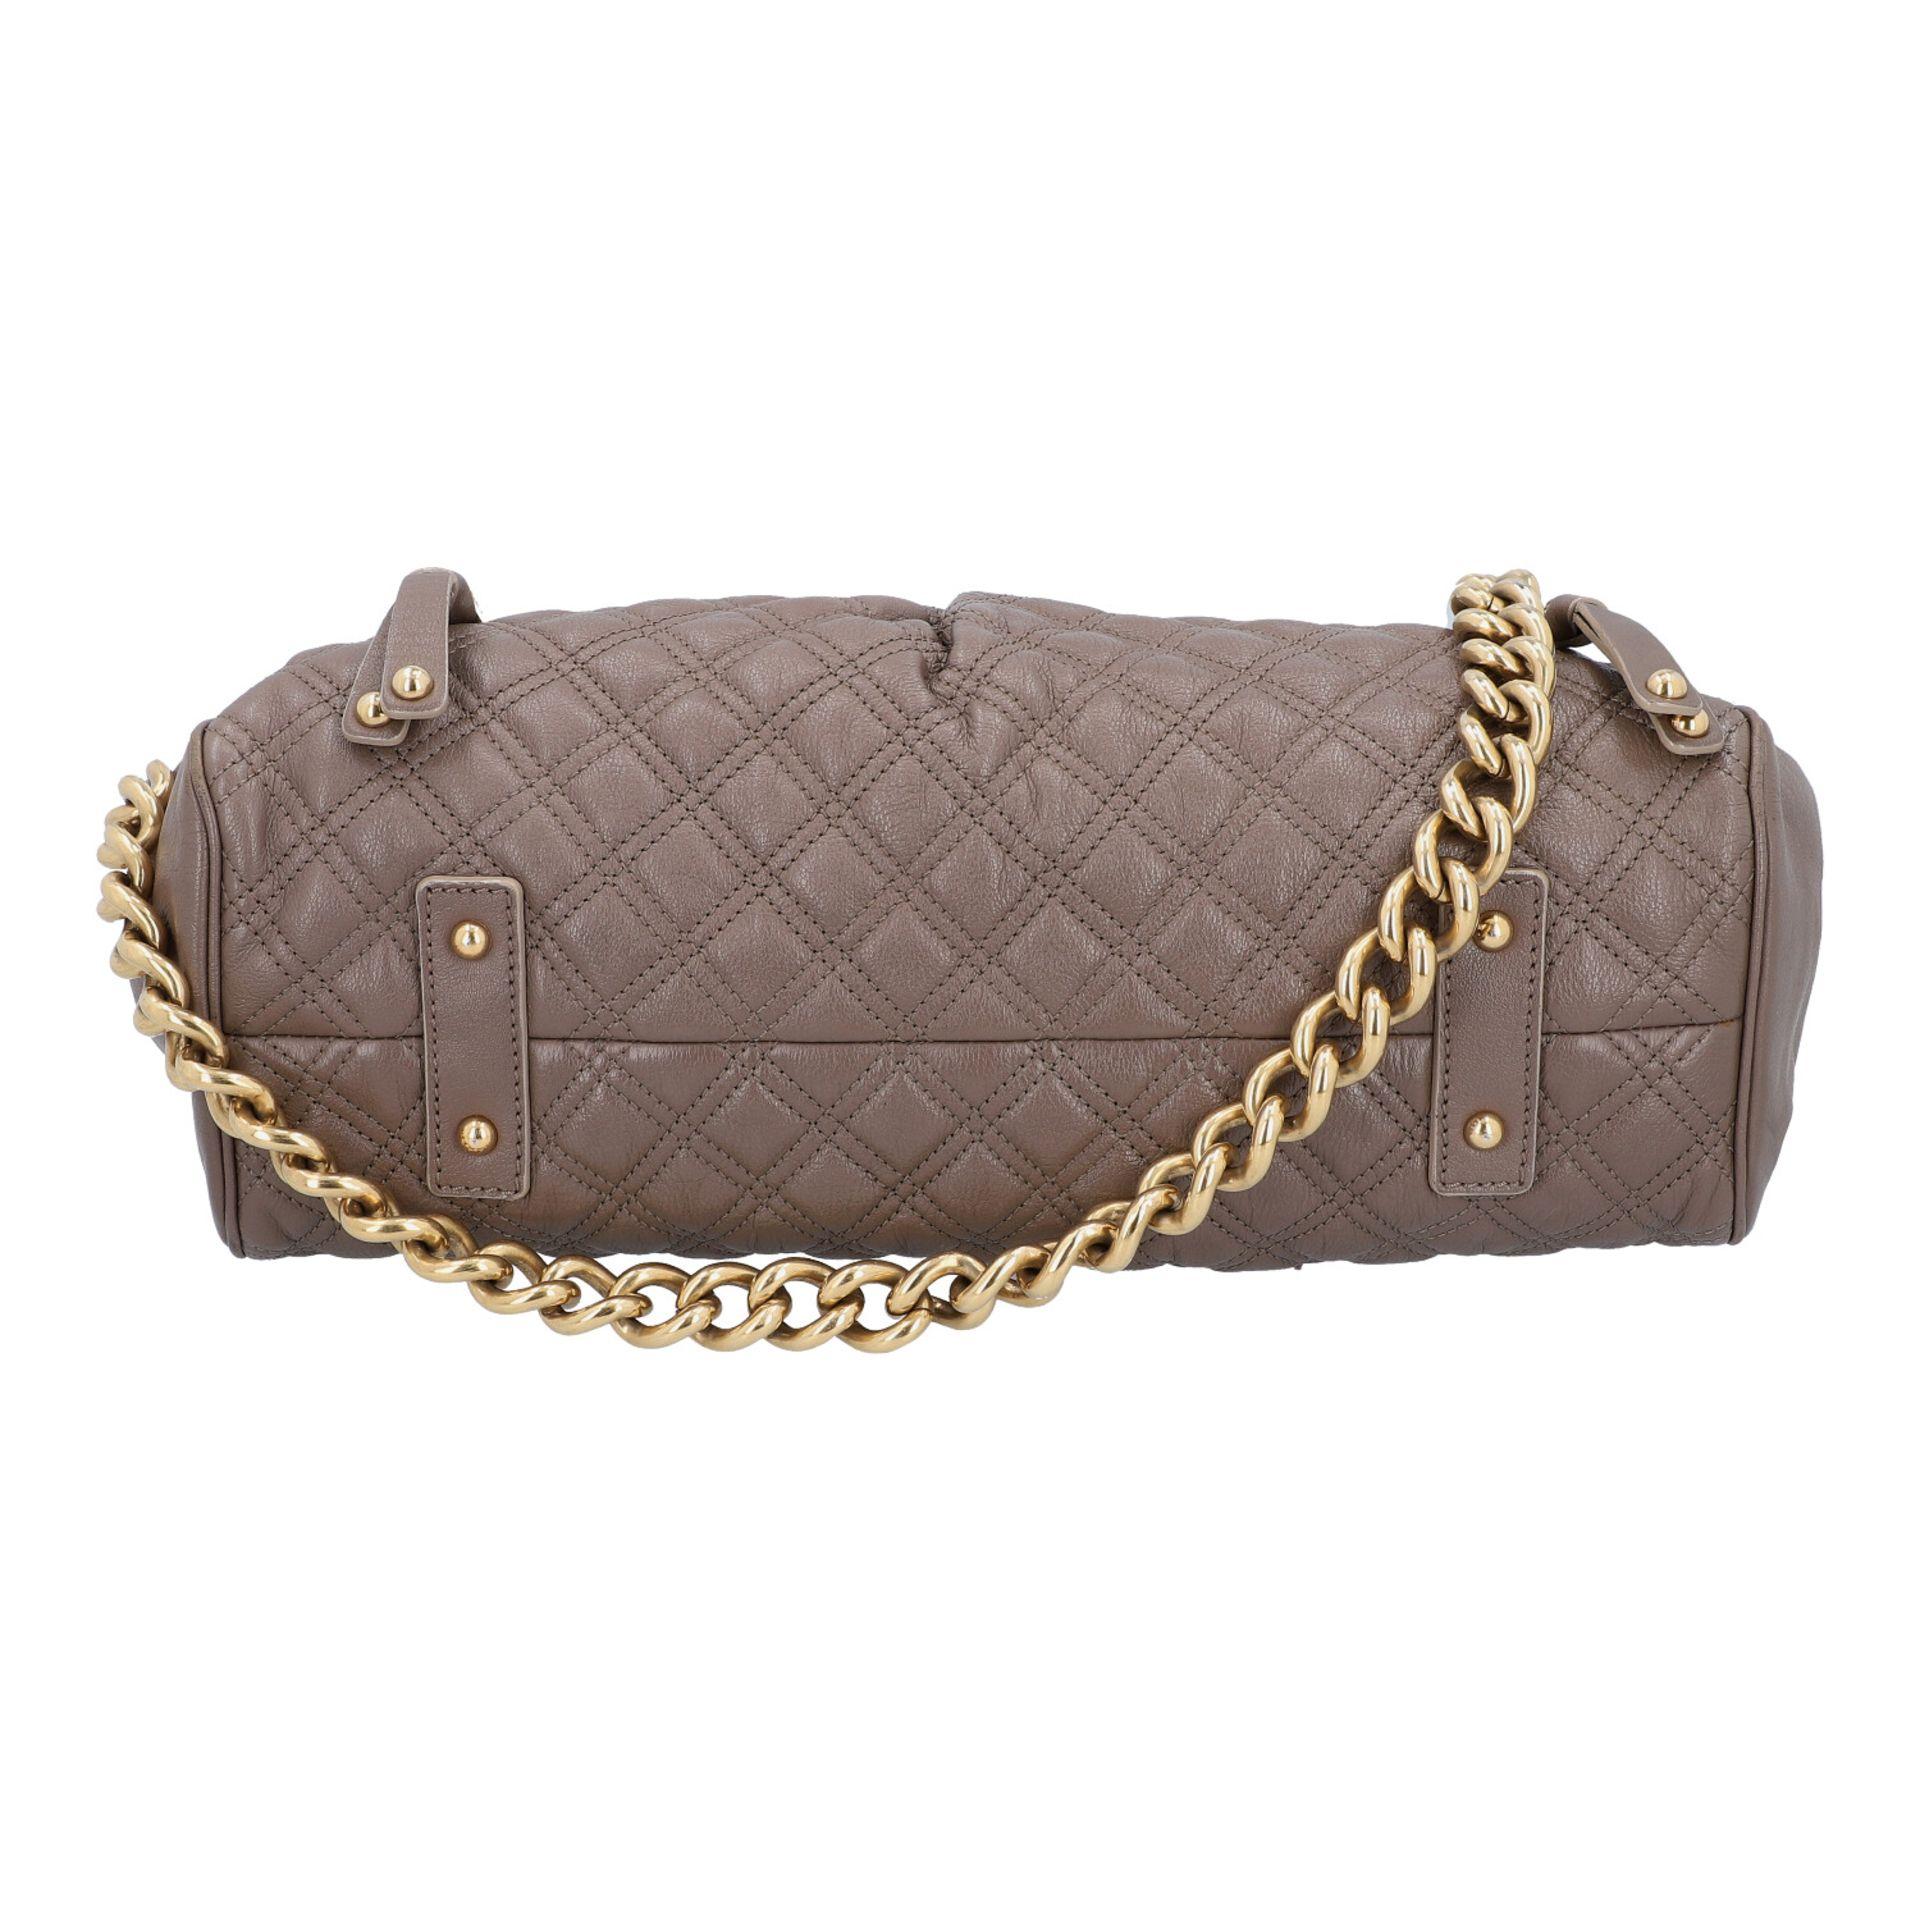 MARC JACOBS Handtasche. Leder in Elefantengrau mit goldfarbener Hardware und Rautenste - Image 5 of 8